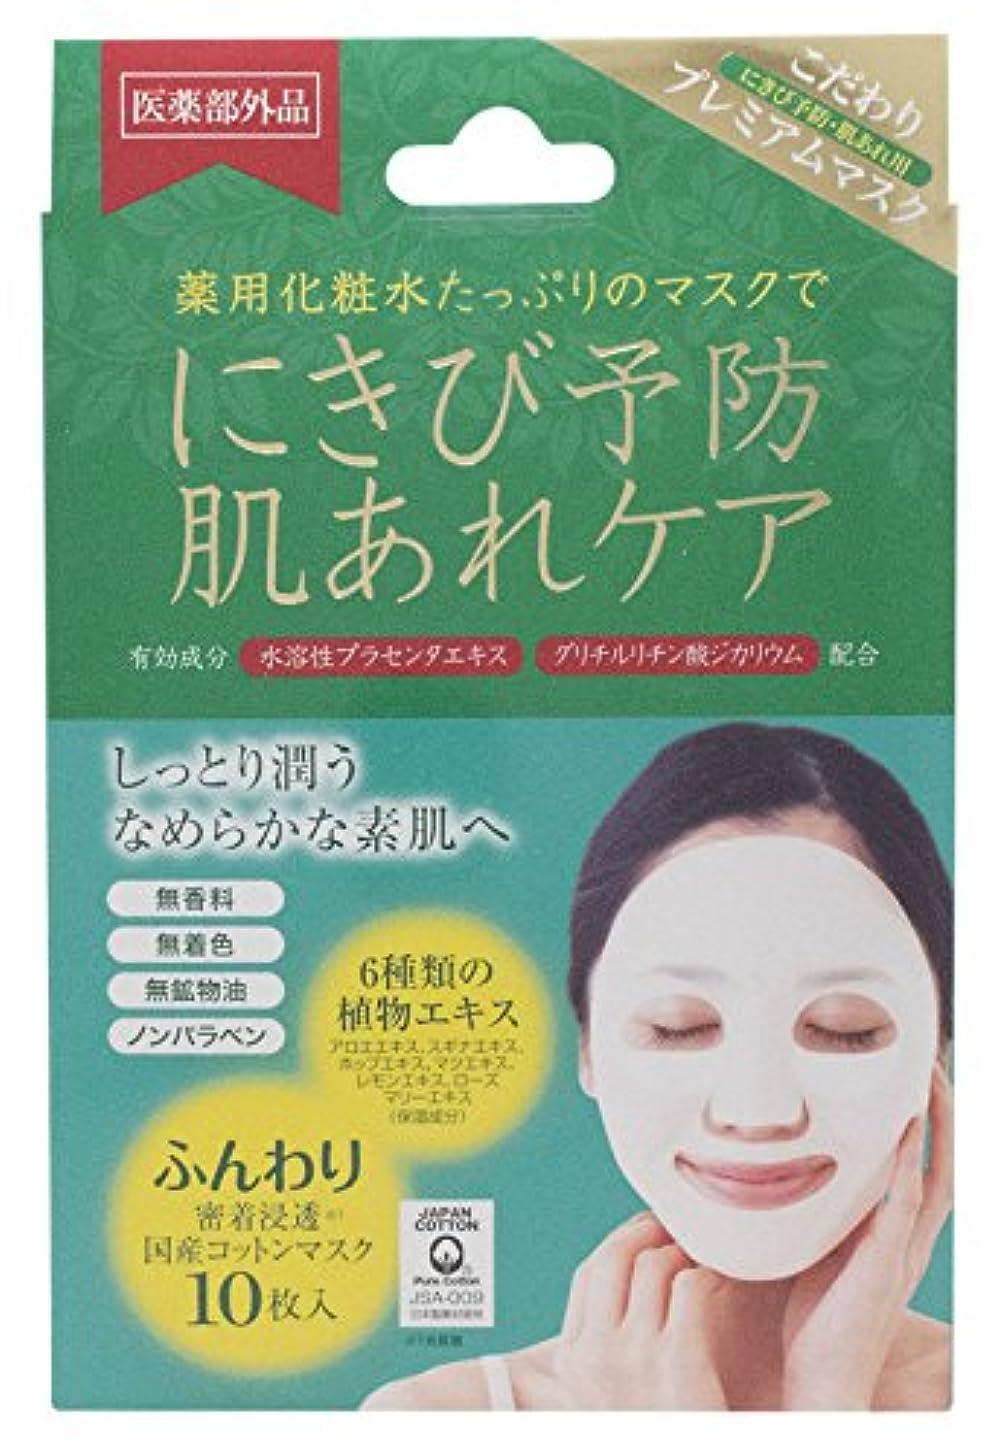 インゲンサロンルネッサンスアクネピュアスキンフェイスマスク 10枚 (医薬部外品)